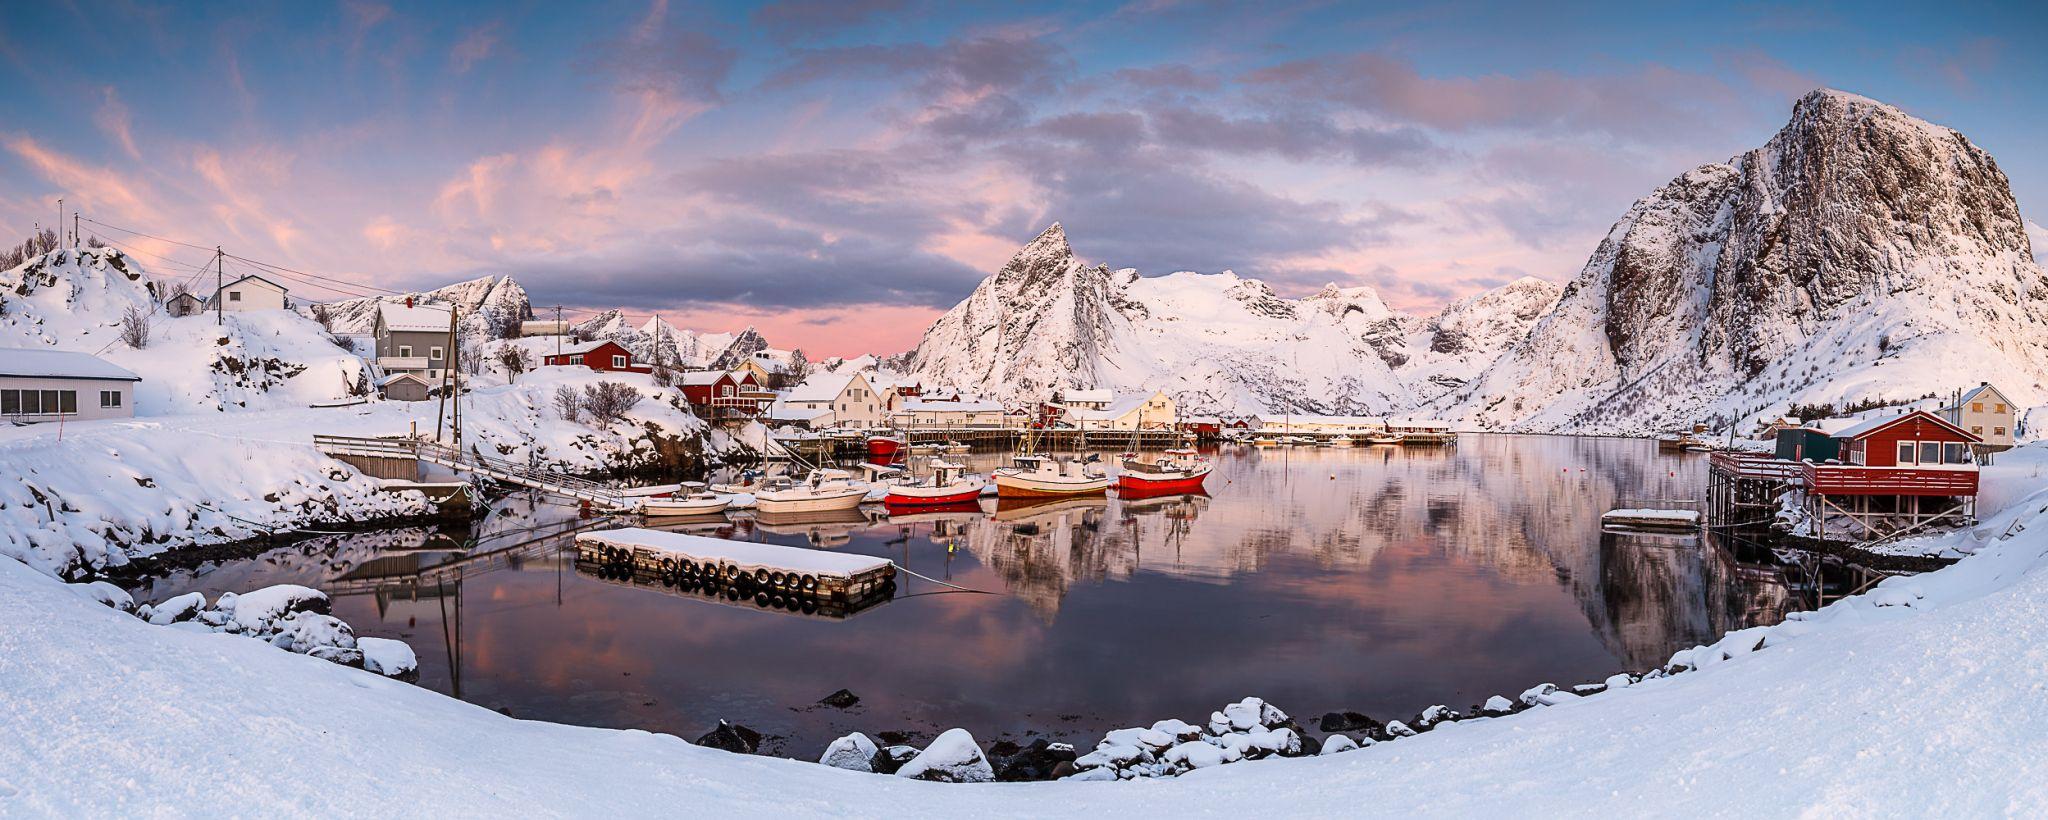 Hamnoy harbor, Norway